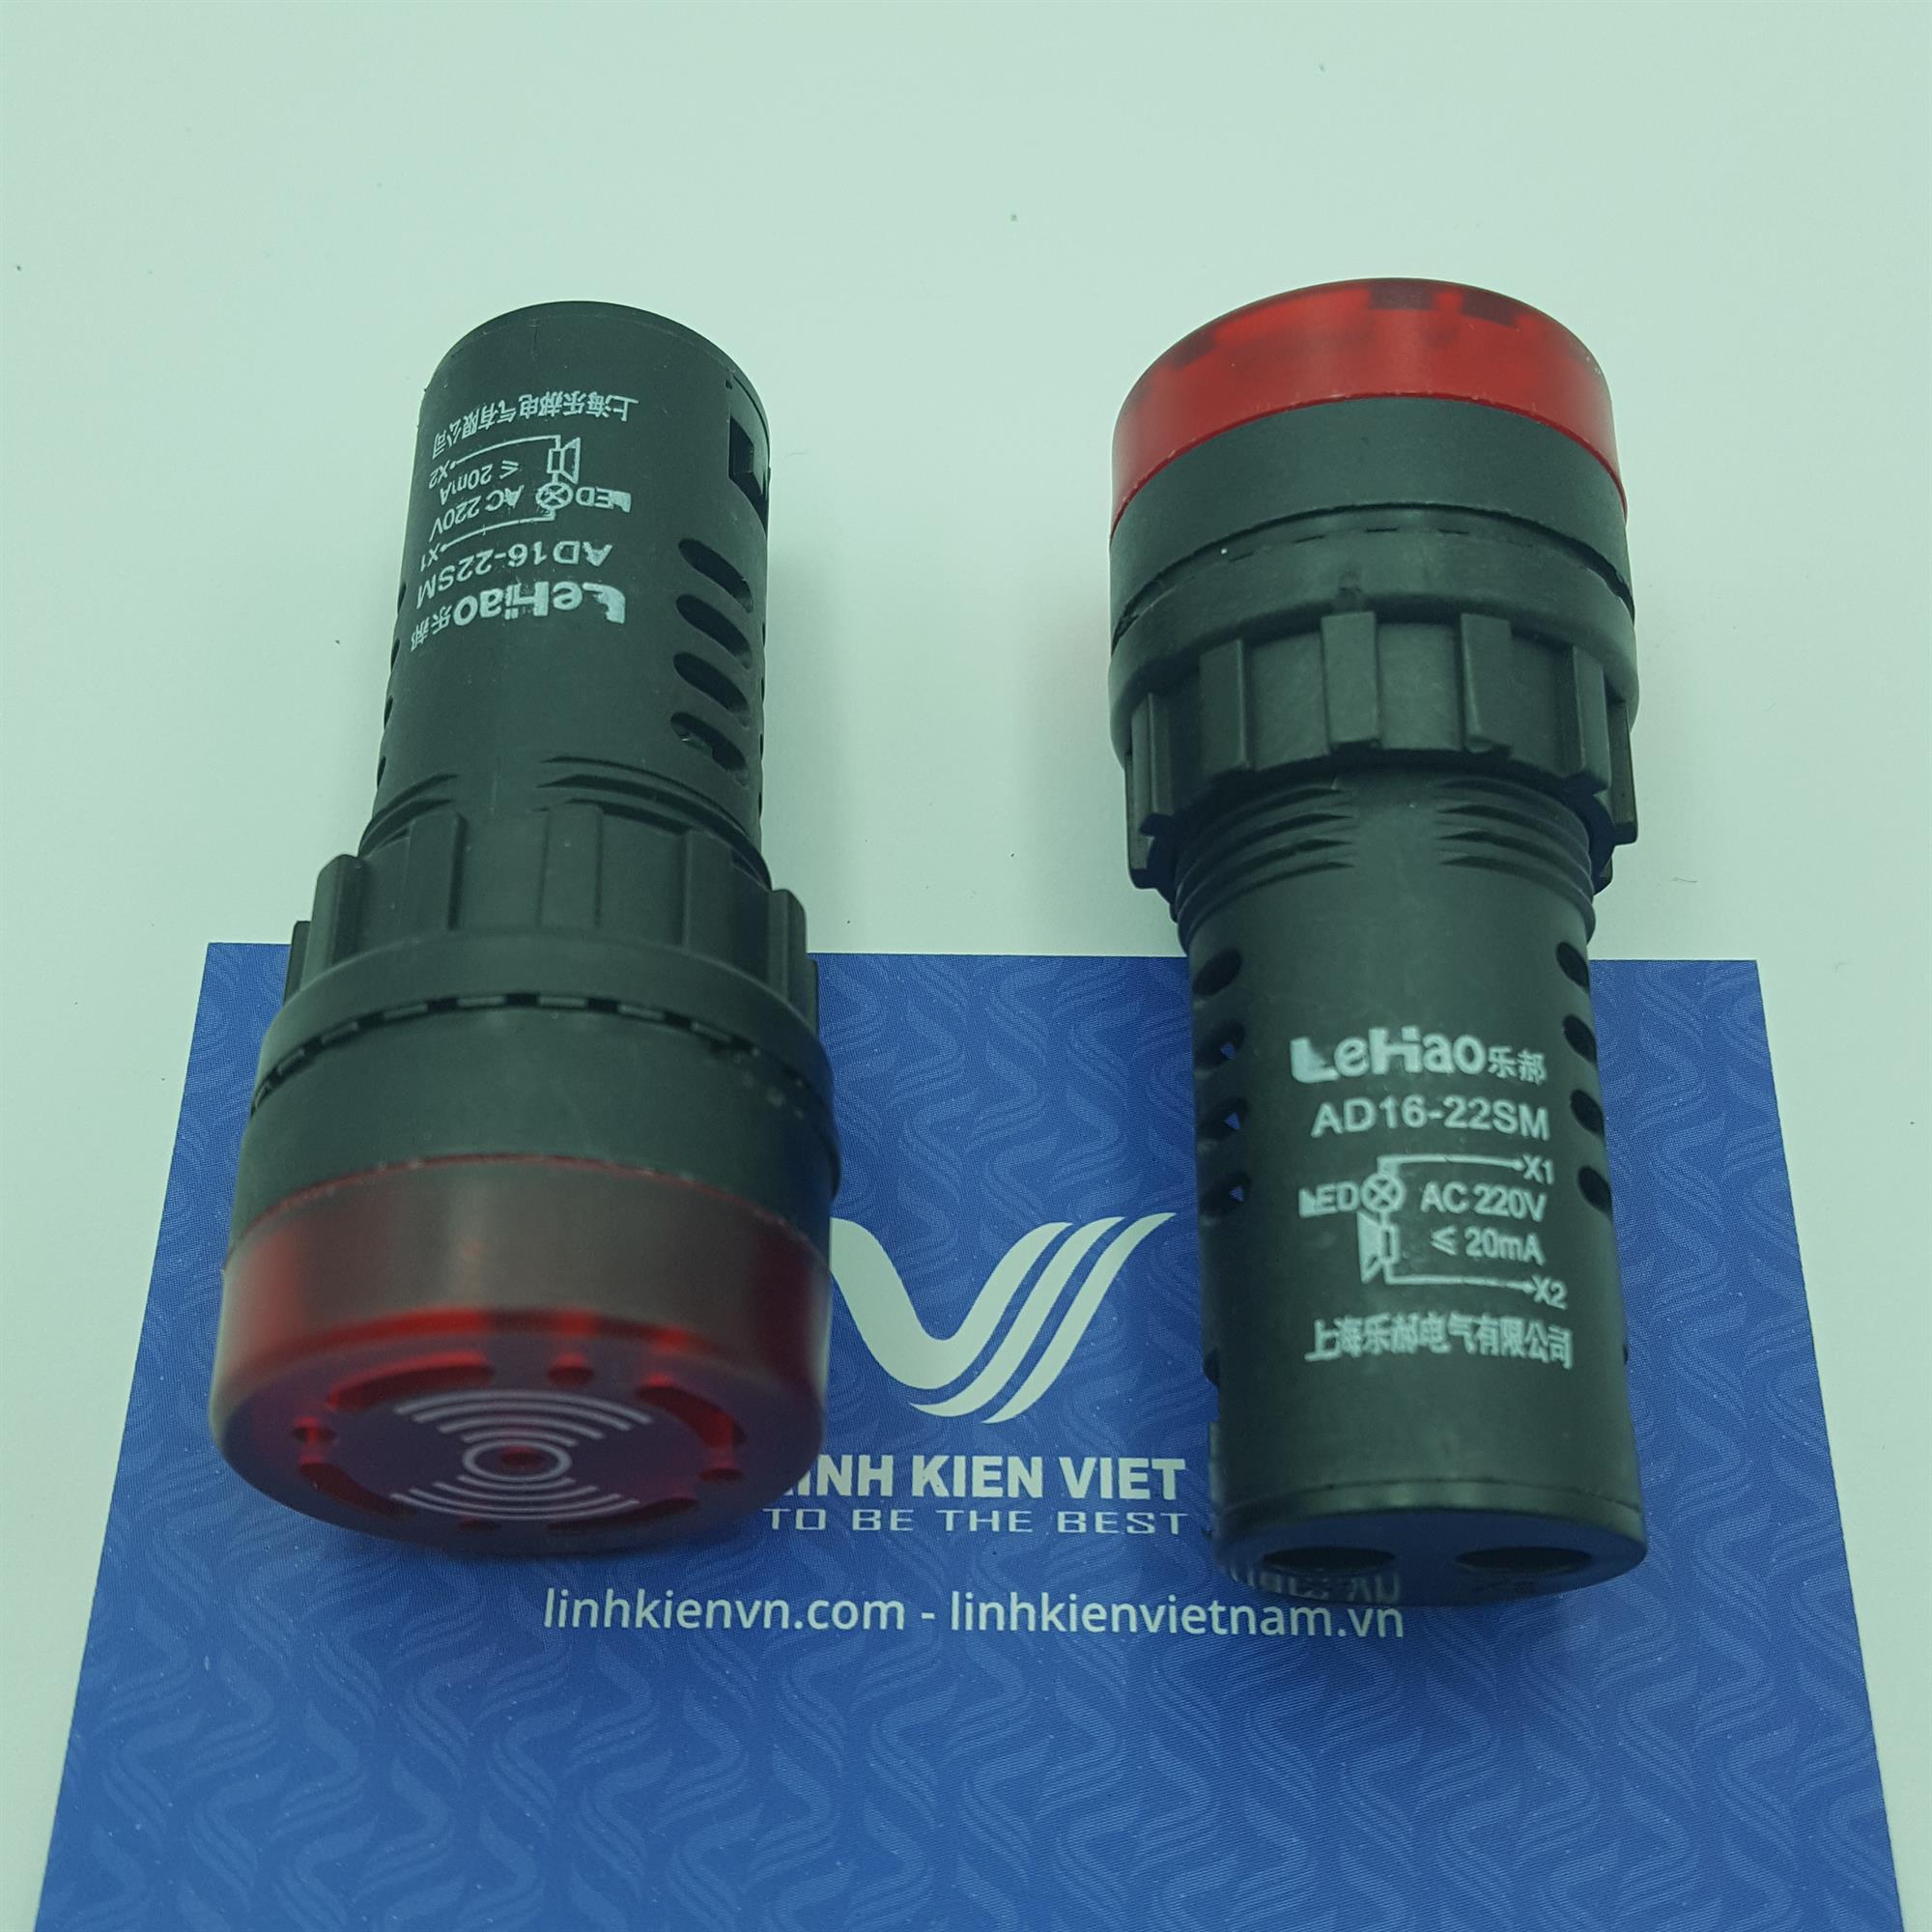 Còi cảnh báo AD16-22SM 220V màu đỏ có đèn - J5H16